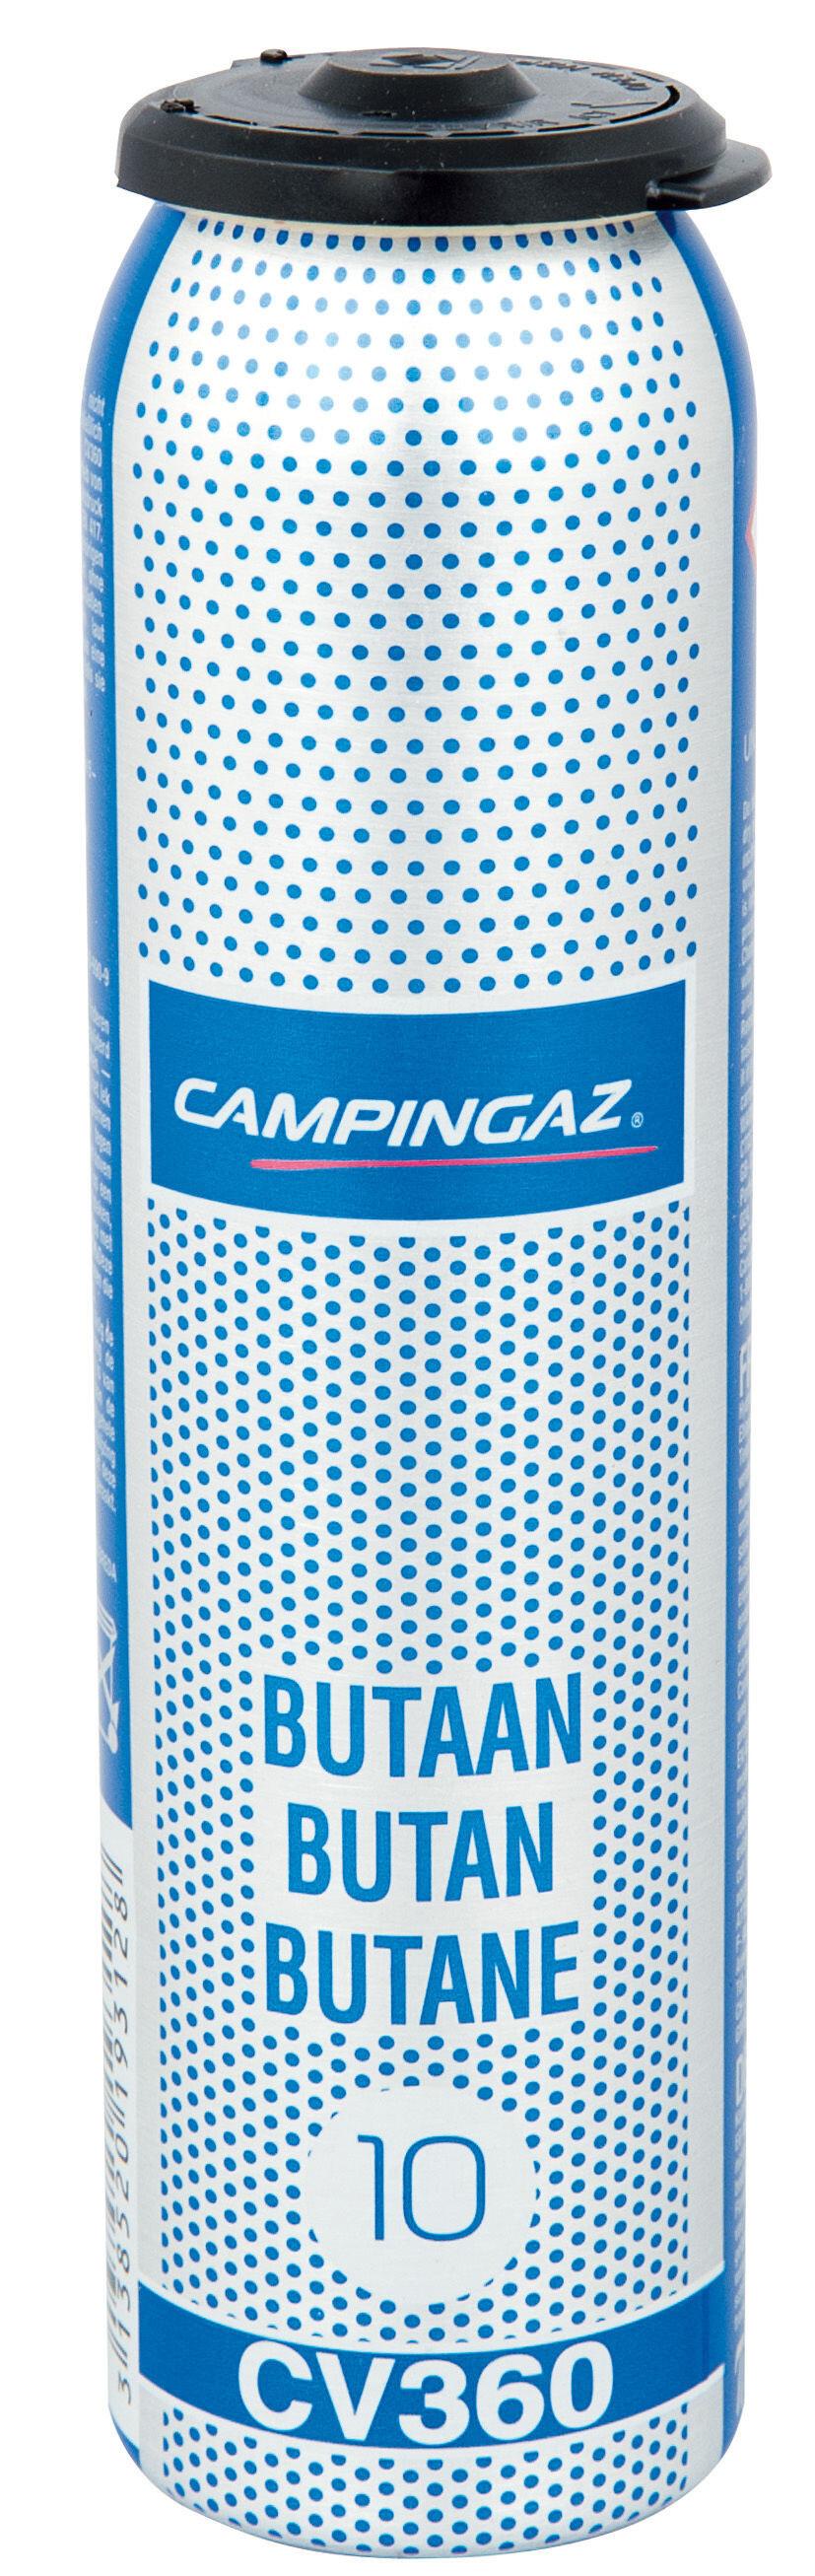 campingaz cartouches gaz cv 360 sur campz fr